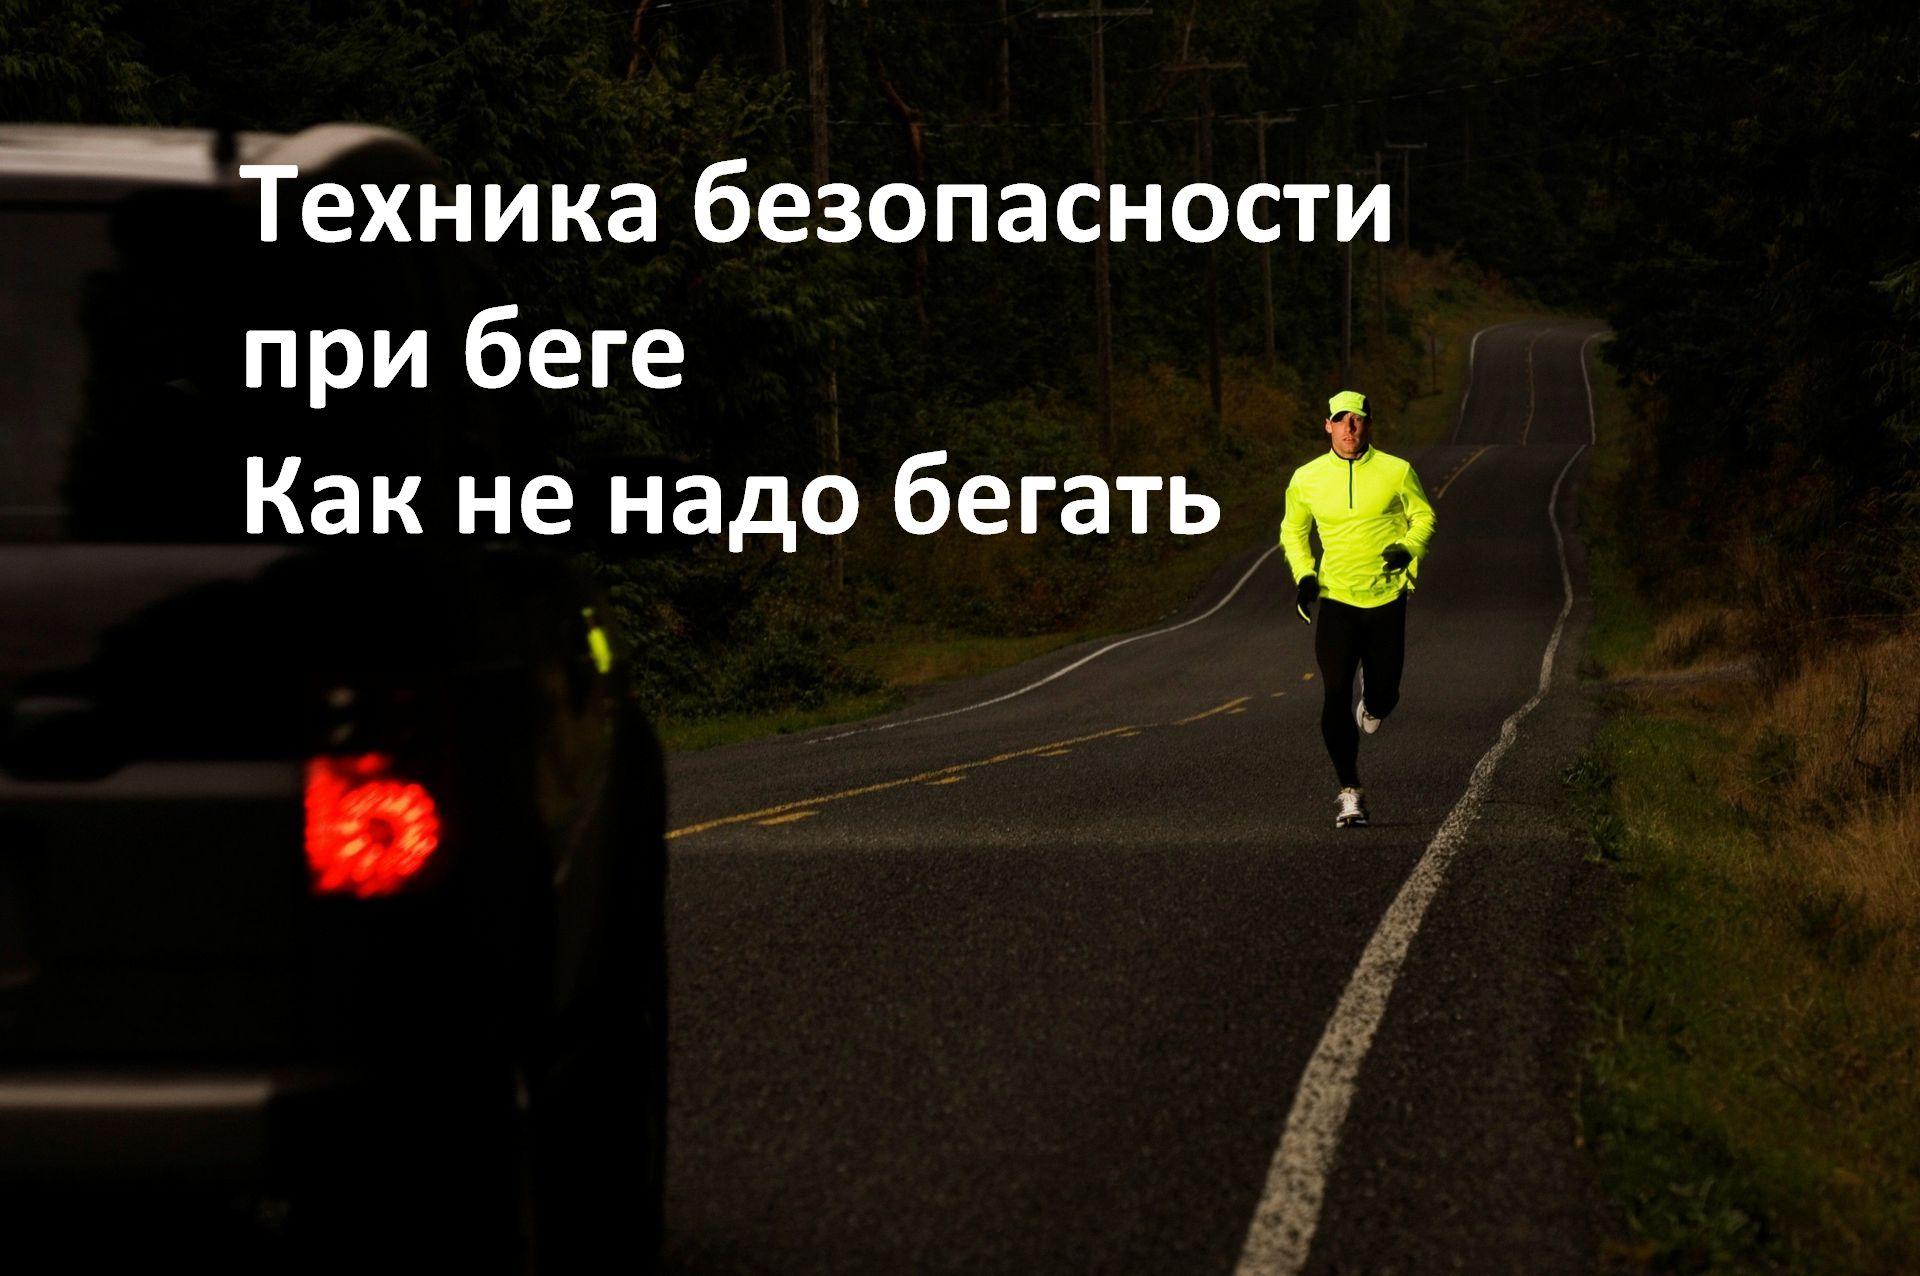 Техника безопасности при беге. Как не надо бегать?